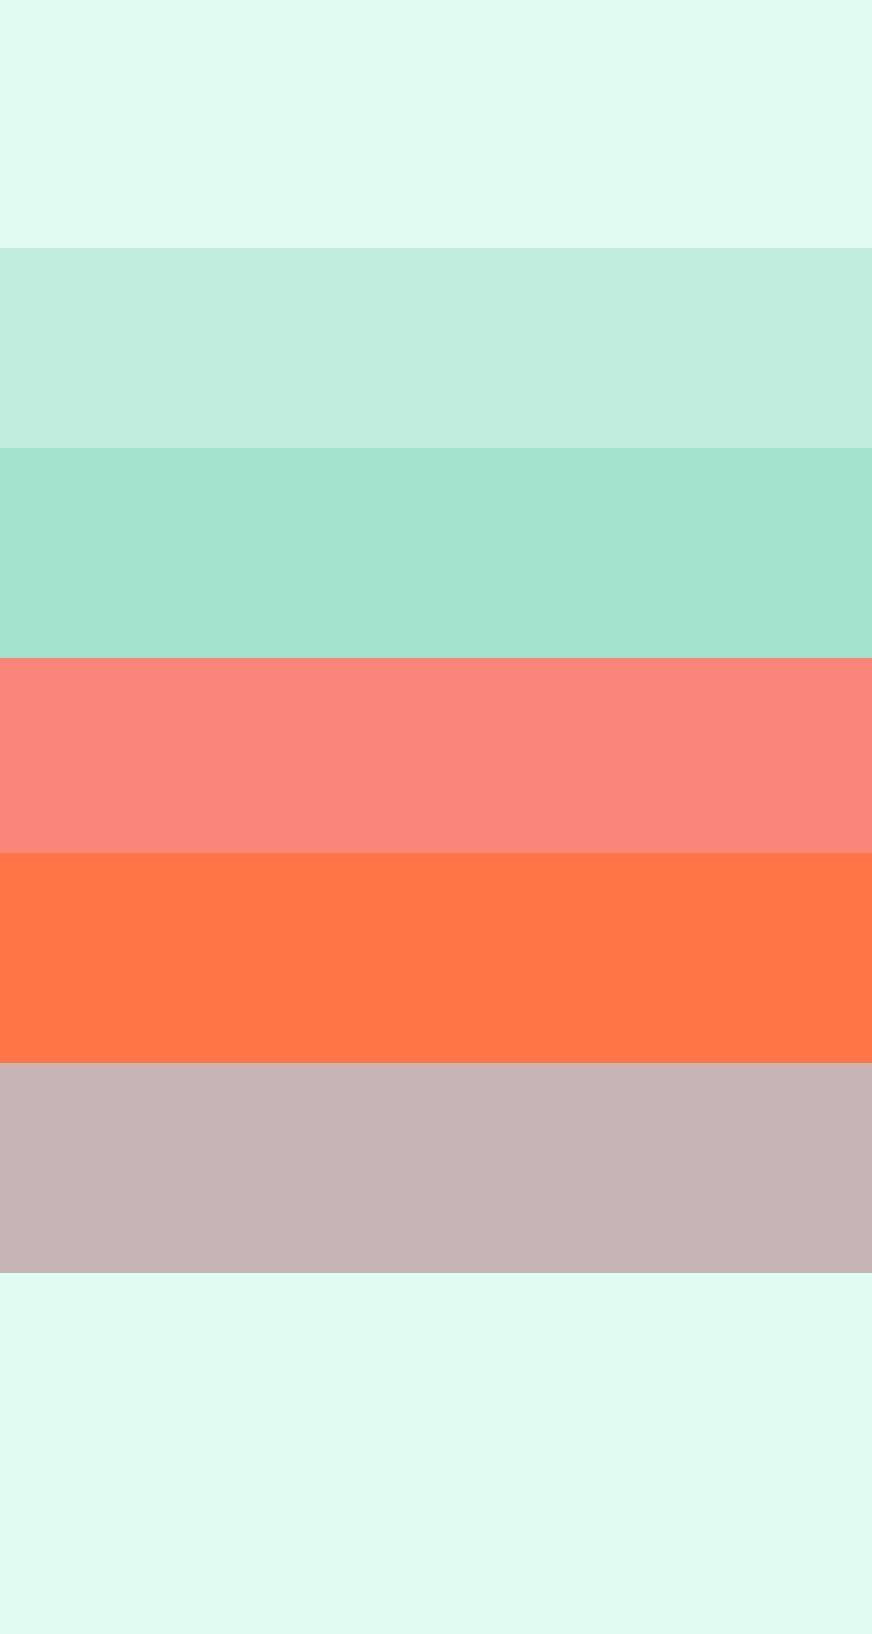 iphone6_organizer_tourq_orange